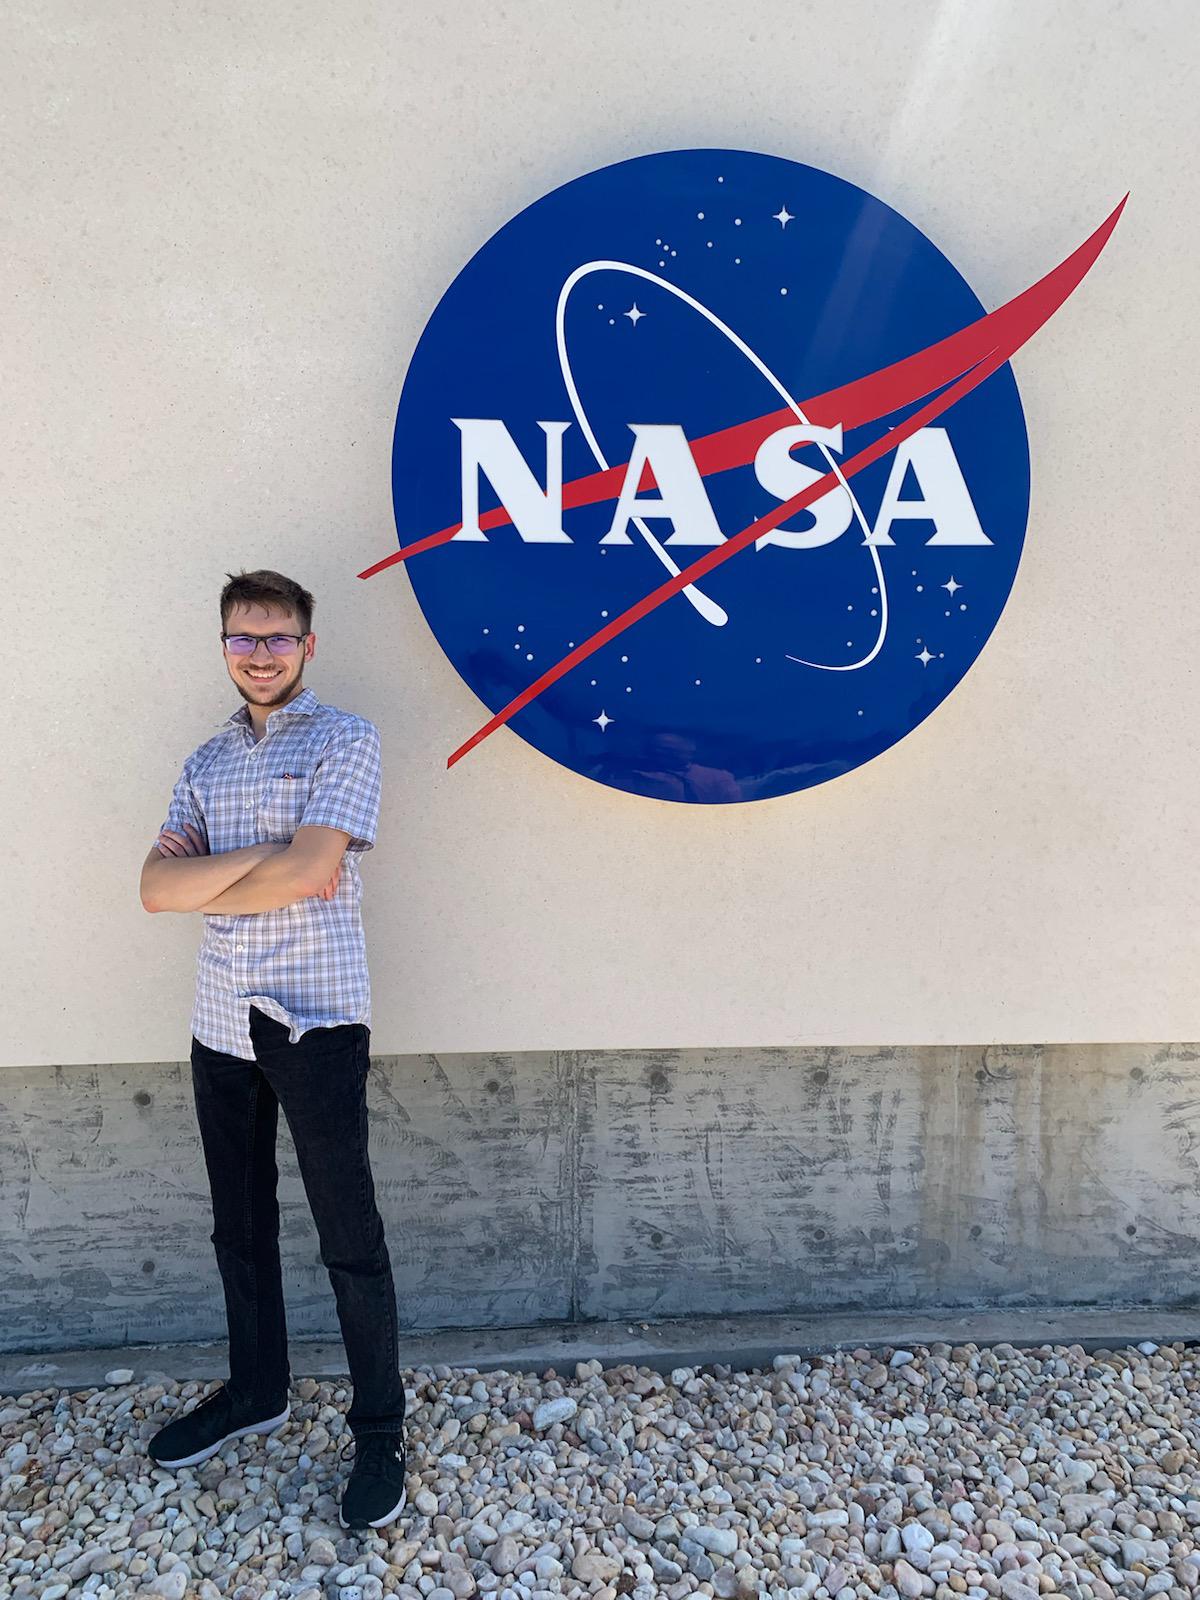 Mitchell Schneller during his internship at NASA.